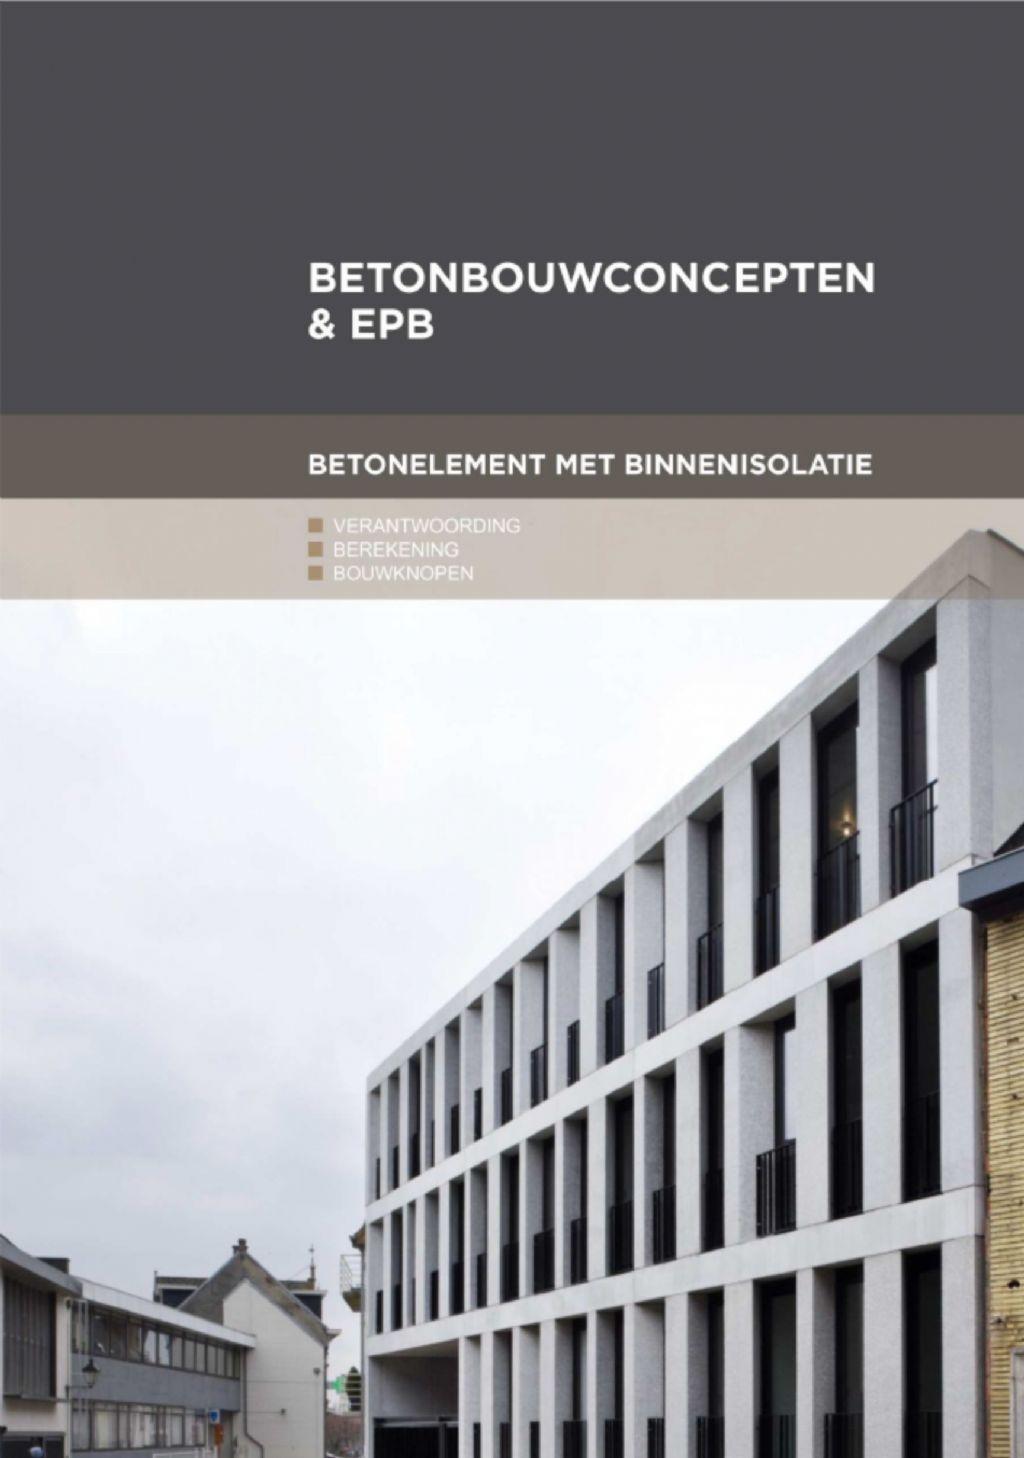 Bouwknopen: beton met binnenisolatie